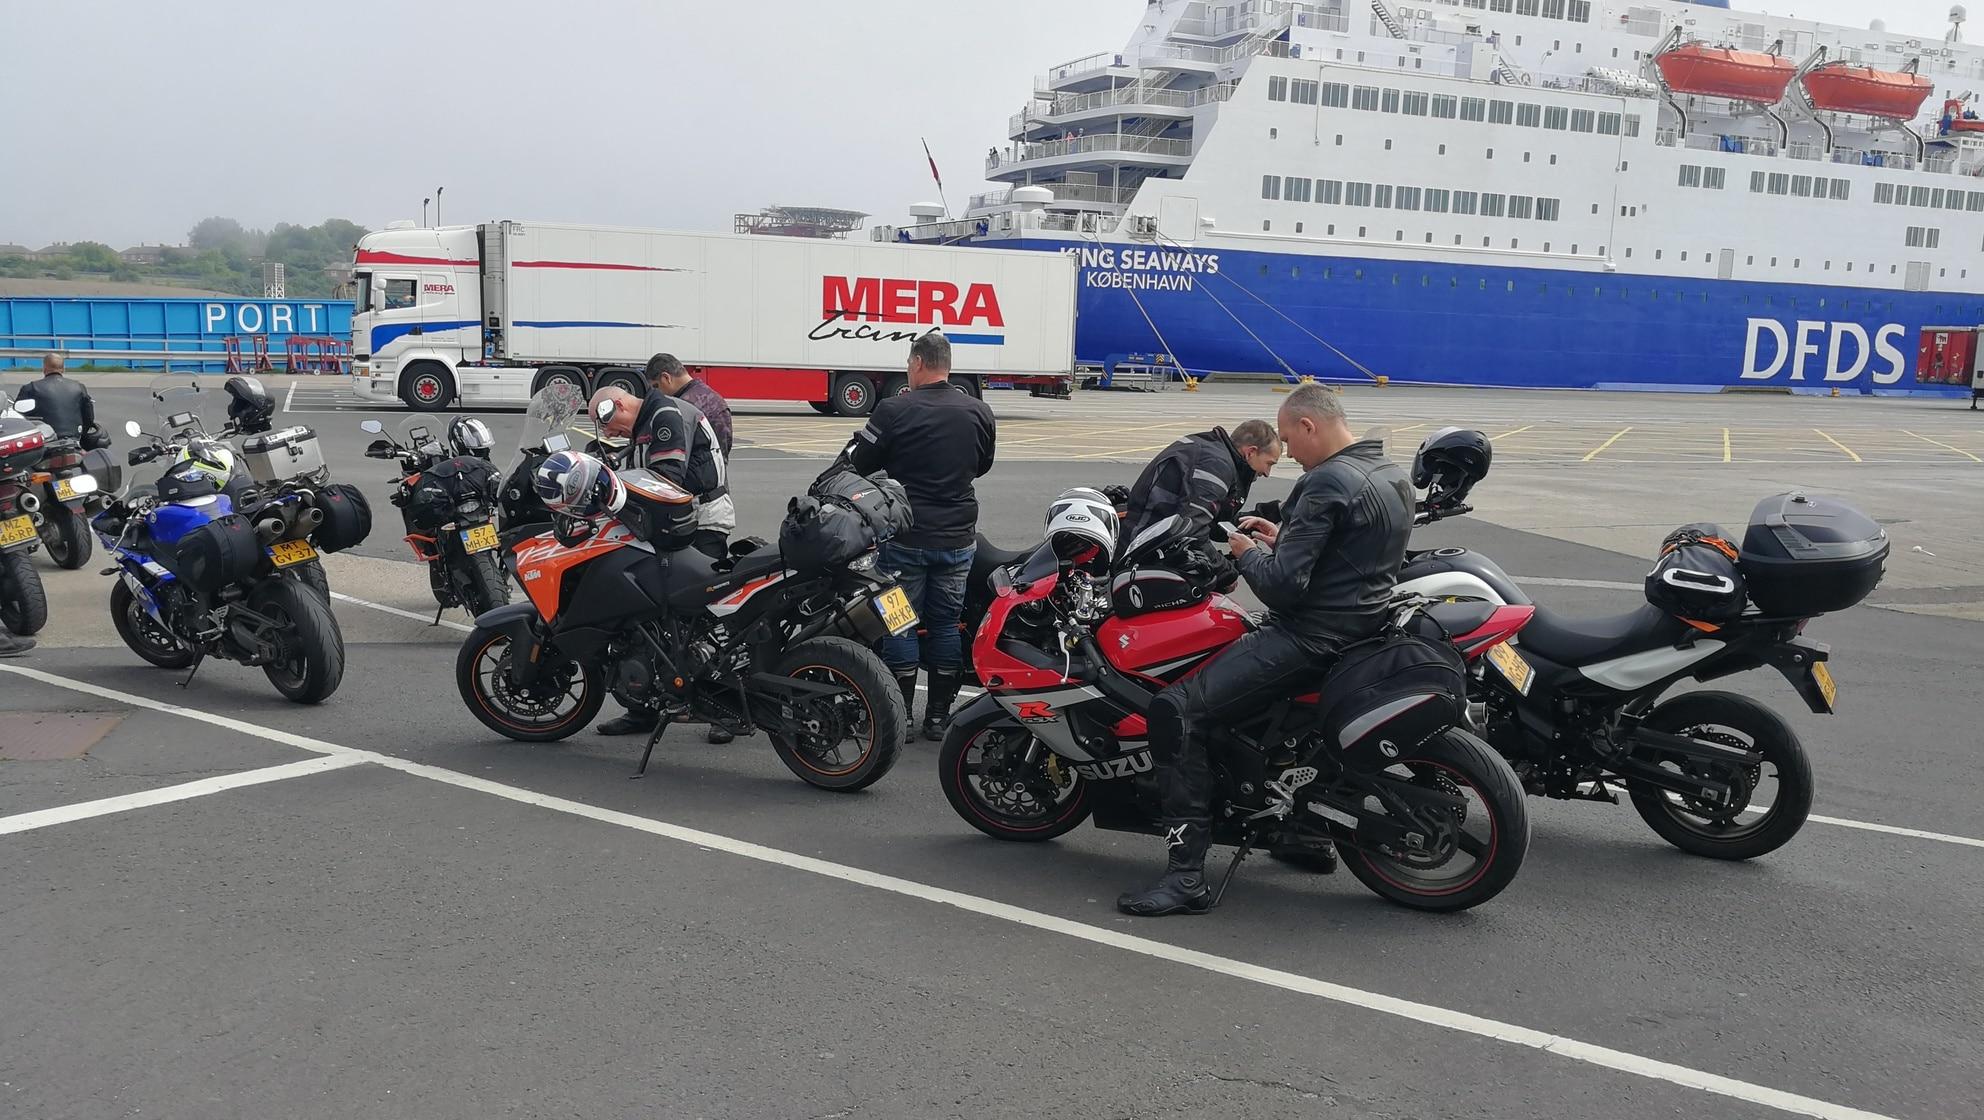 Net aangekomen in Schotland met de ferry op de achtergrond